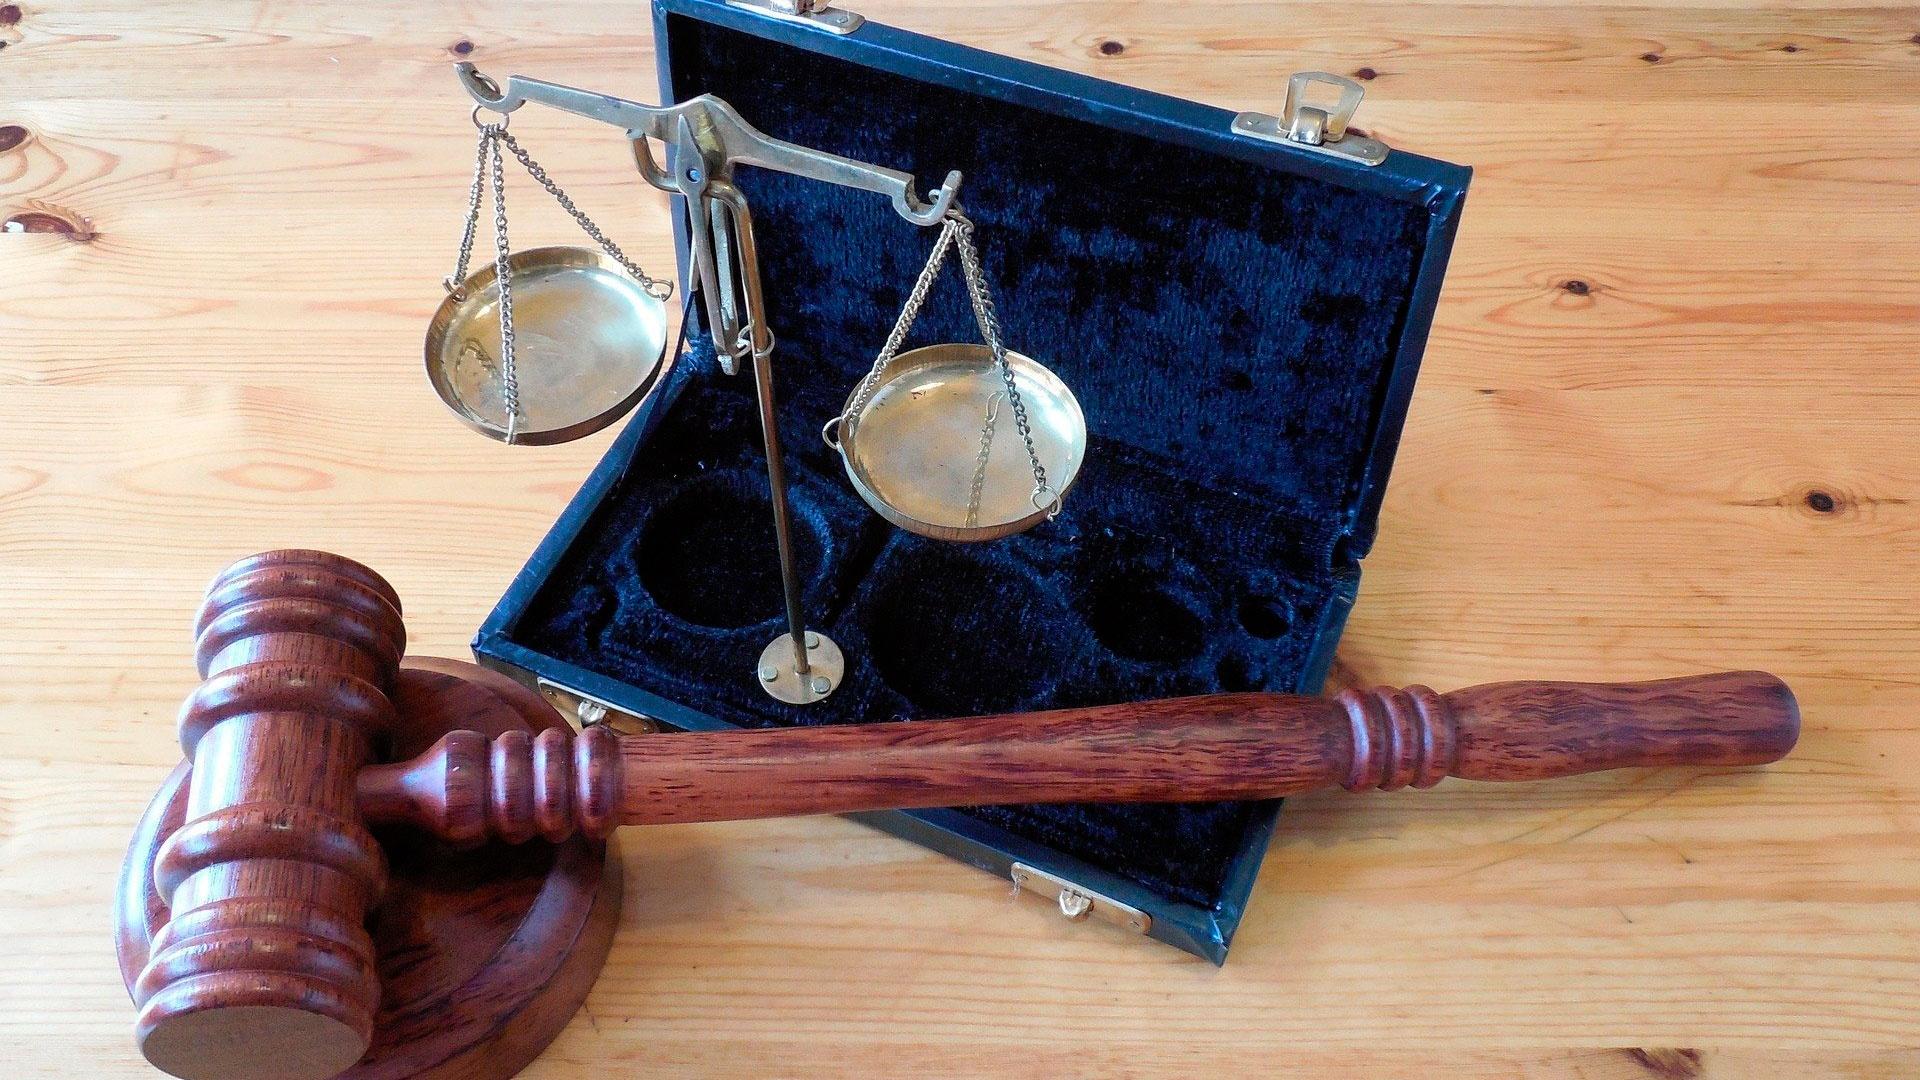 Суд в Башкирии оправдал двух бывших полицейских по делу об изнасиловании дознавательницы